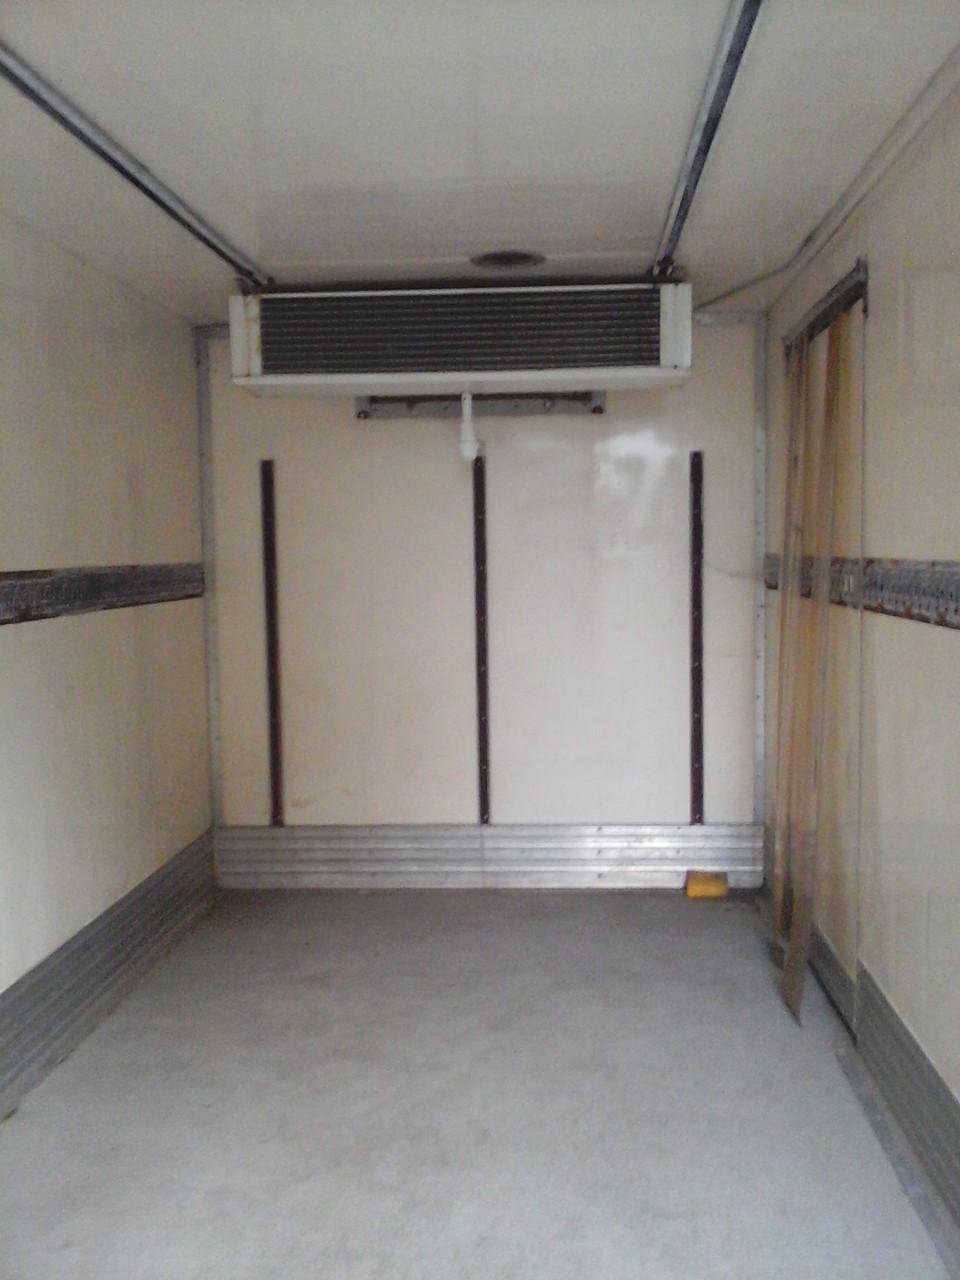 La chambre froide ou caisse frigorifique permet de maitriser la température